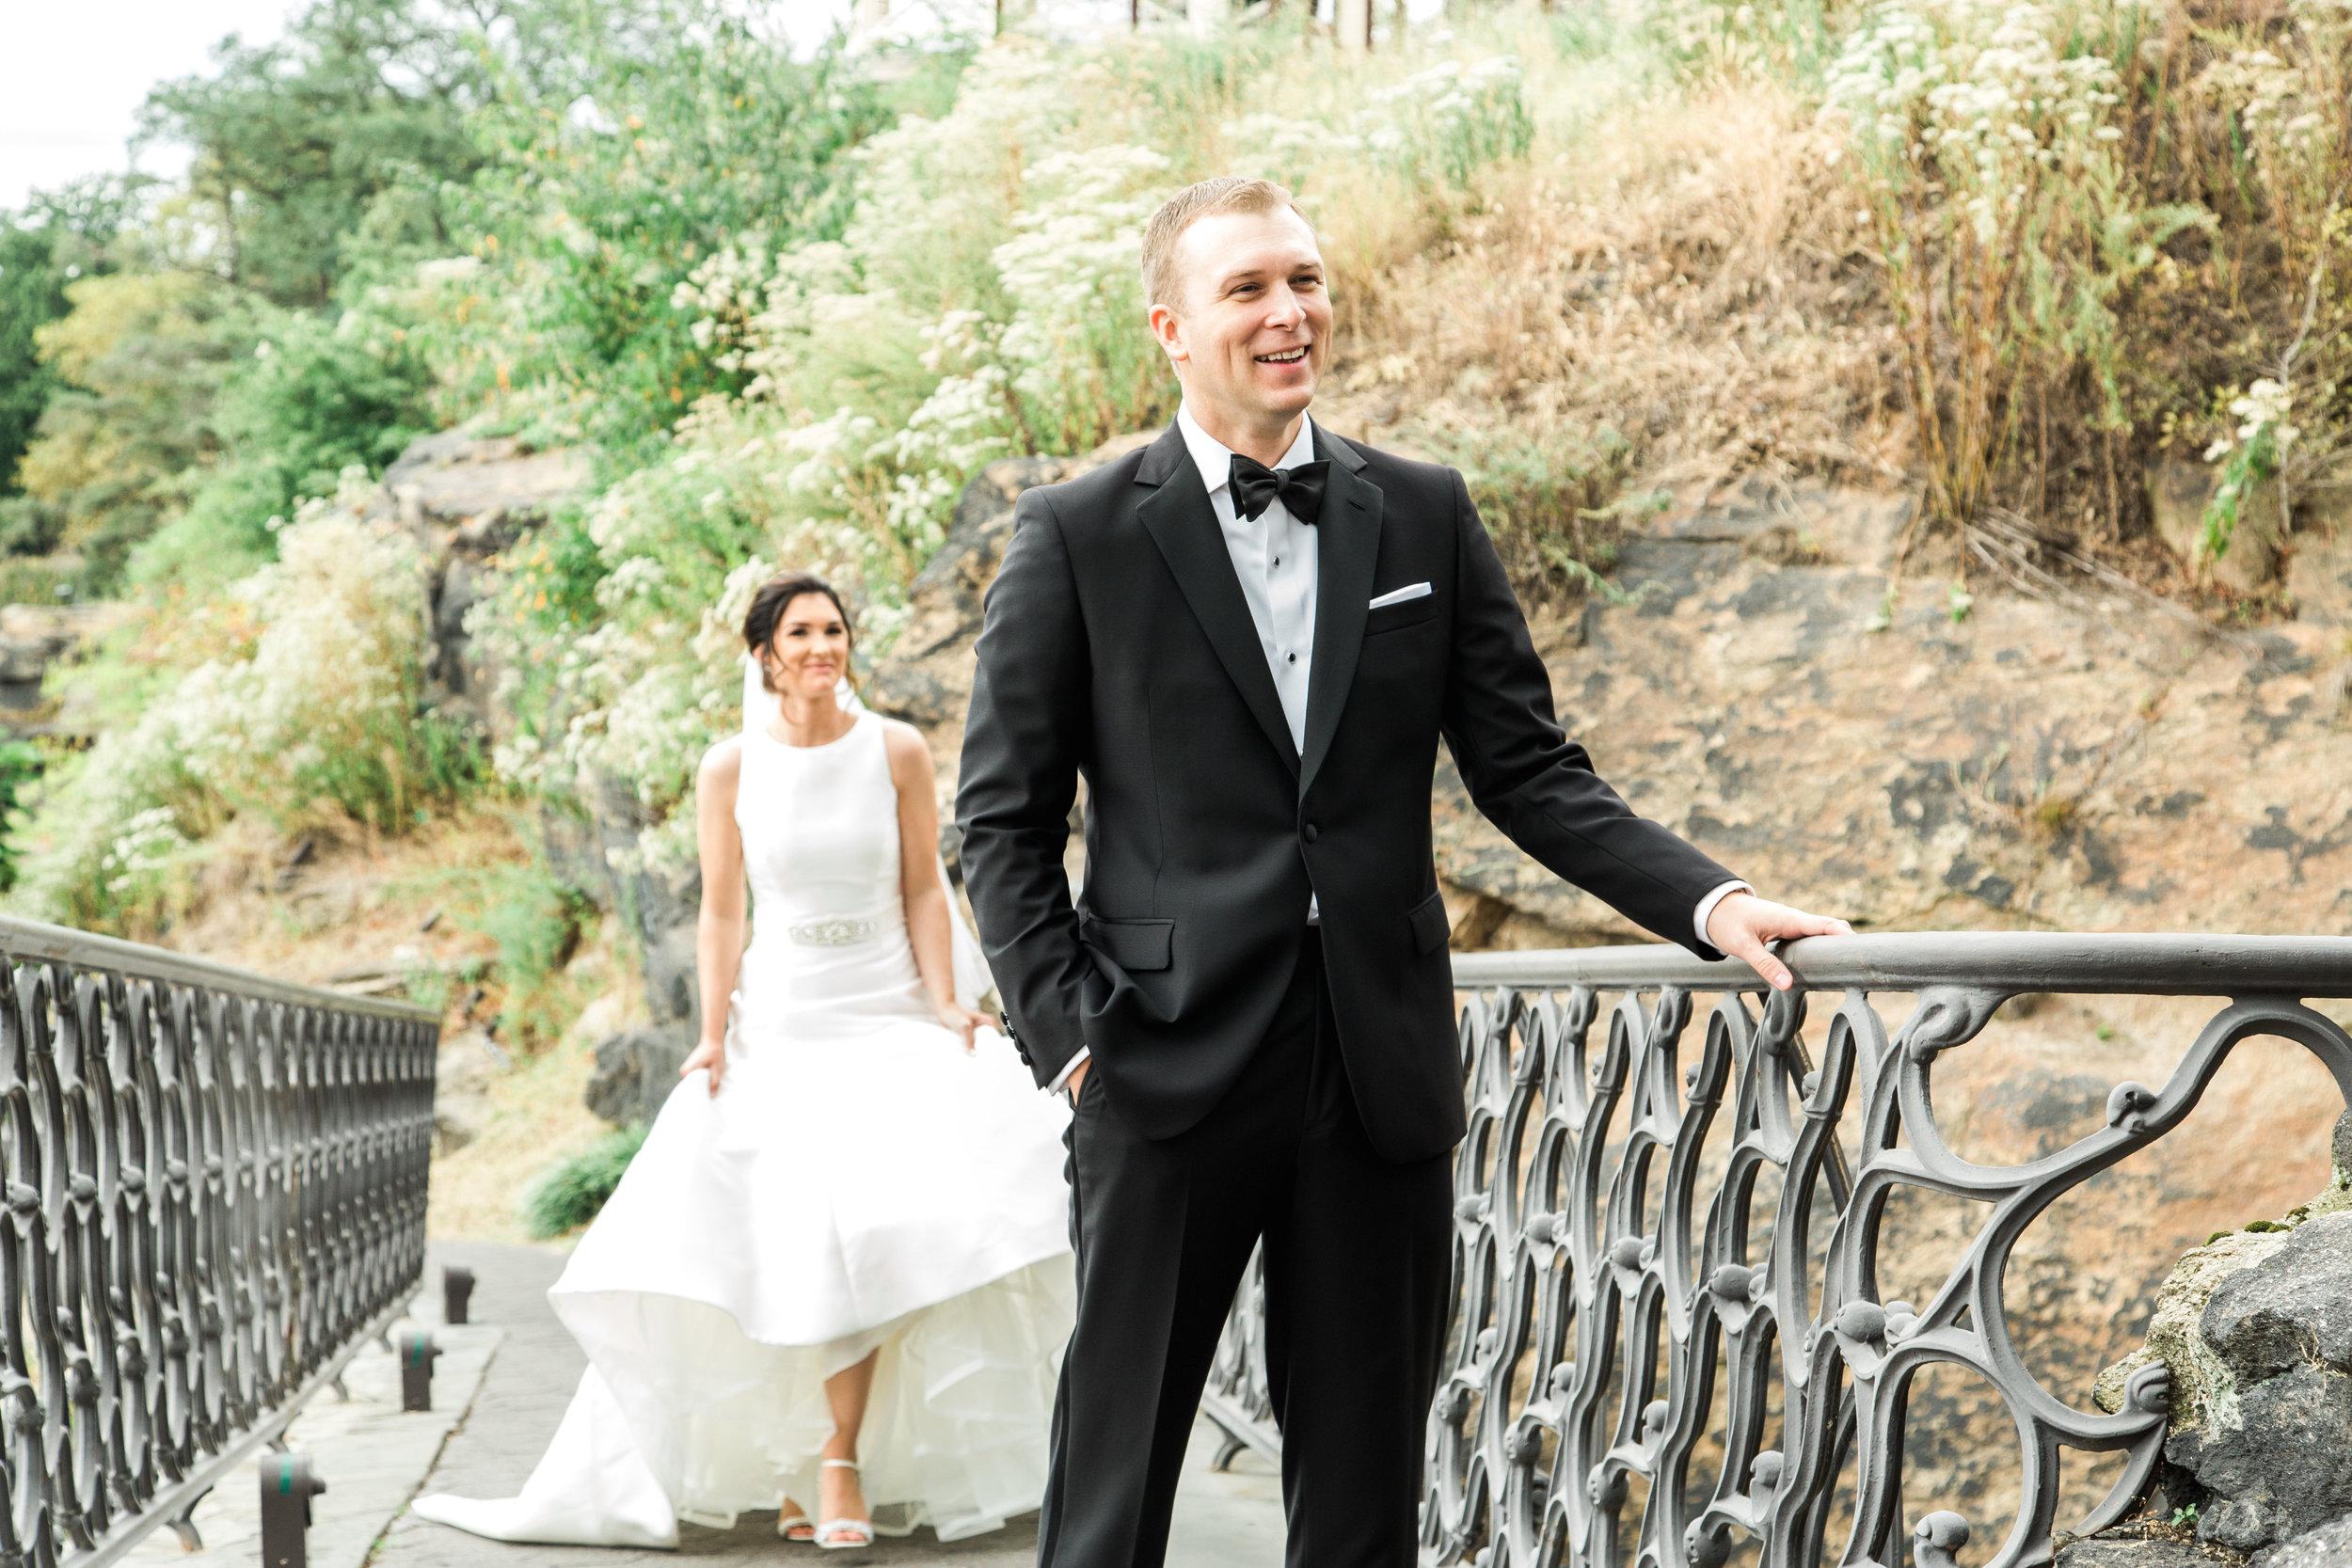 Hudson-Nichols-Black-Tie-Bride-Philadelphia-Waterworks-Wedding-Bride-Groom-Portraits05.jpg